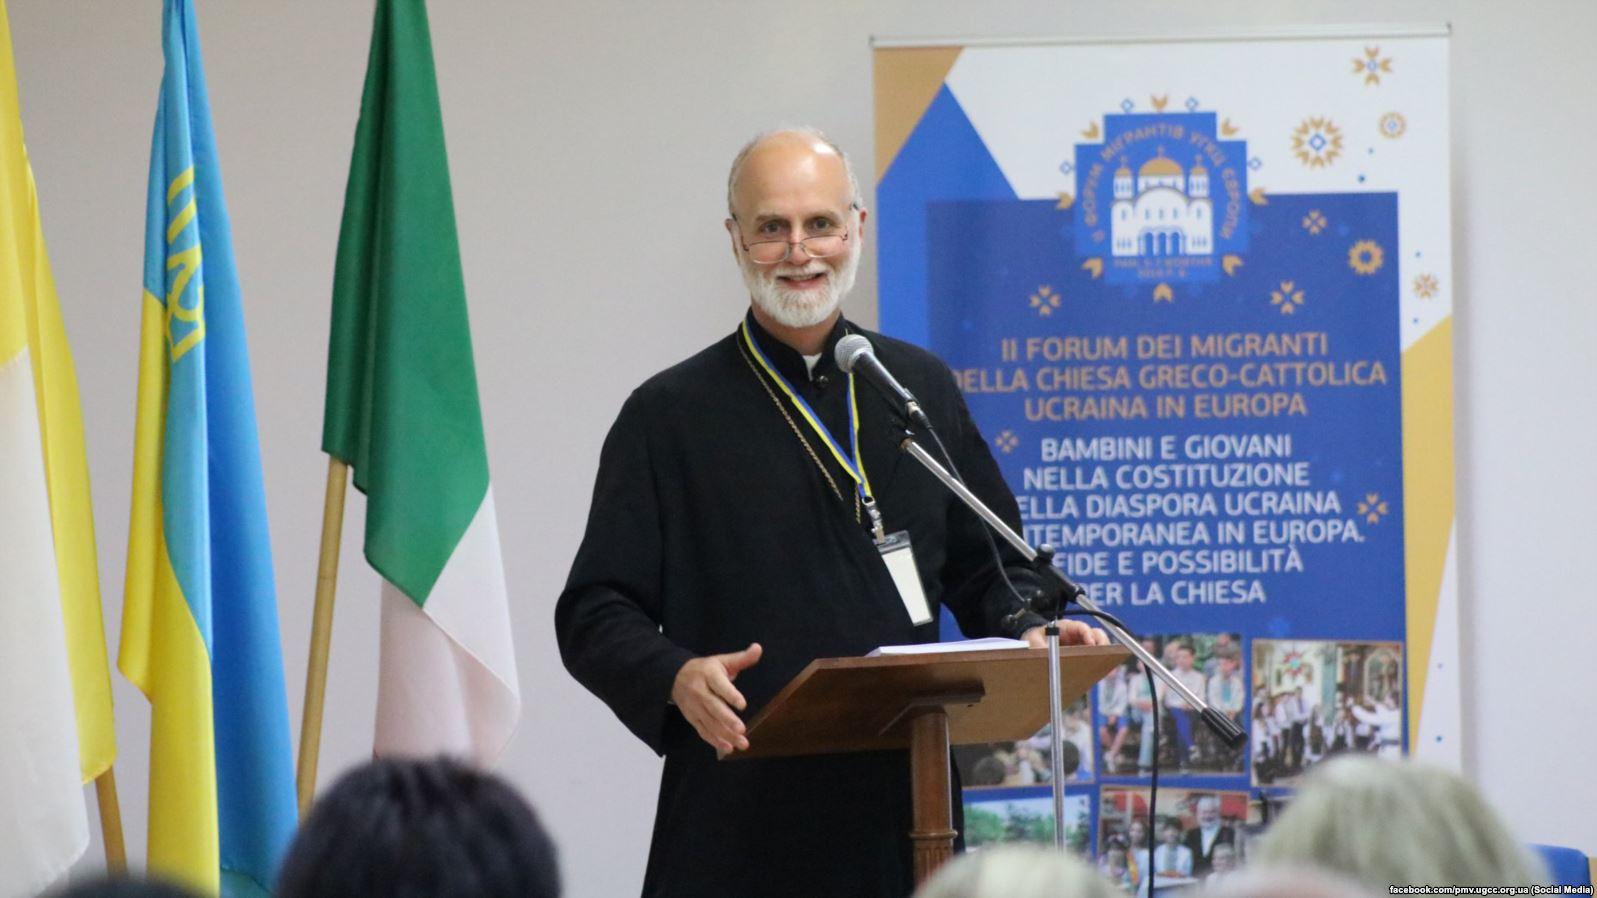 Борис Ґудзяк, президент УКУ,єпископ Паризької єпархії на ІІ Форумі мігрантів УГКЦ. Рим, 6 жовтня 2018 року